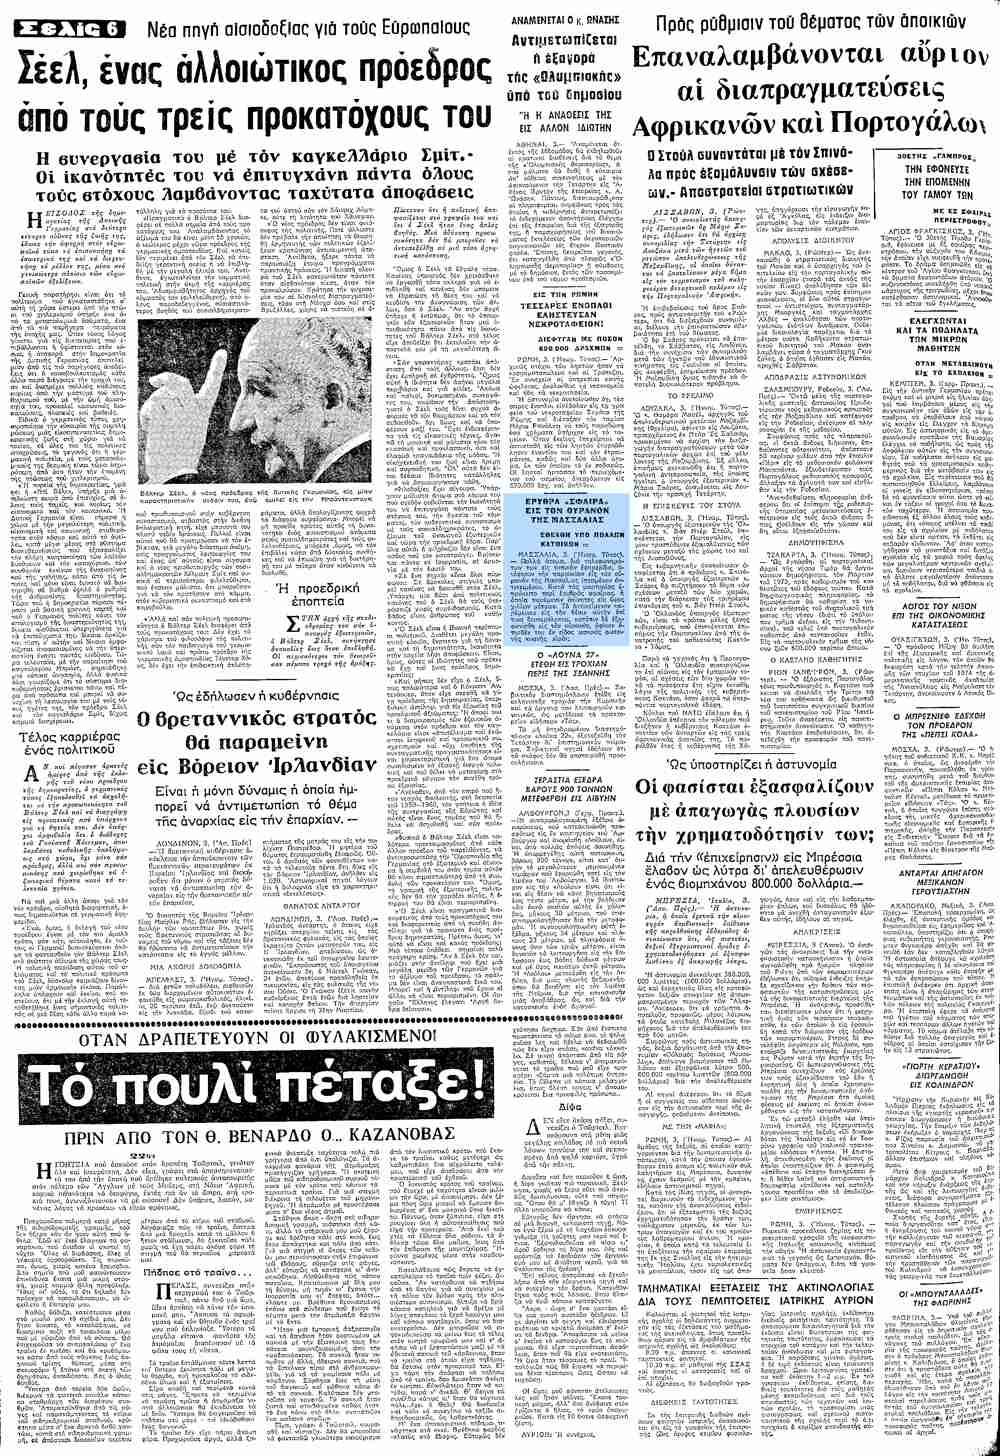 """Το άρθρο, όπως δημοσιεύθηκε στην εφημερίδα """"ΜΑΚΕΔΟΝΙΑ"""", στις 04/06/1974"""